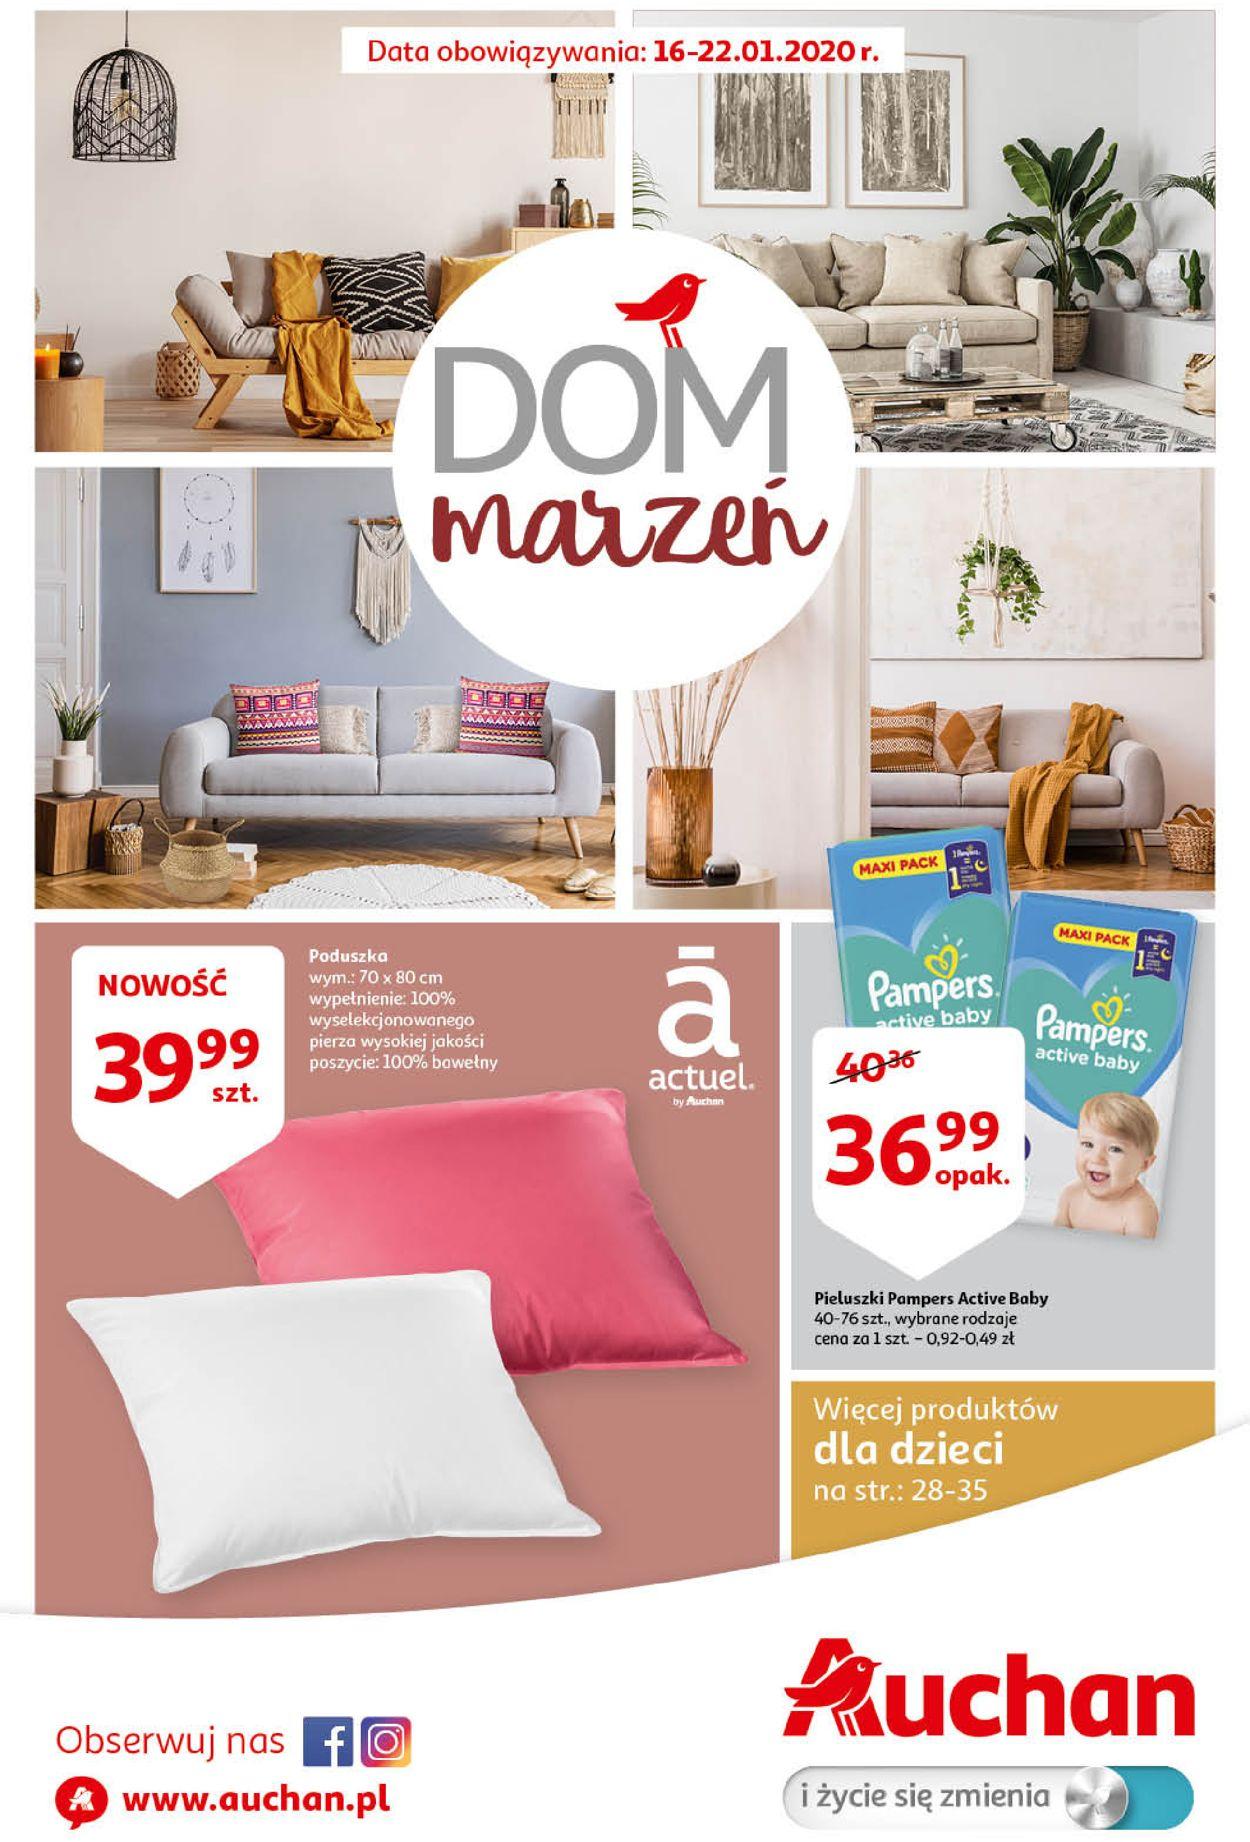 Gazetka promocyjna Auchan - 16.01-22.01.2020